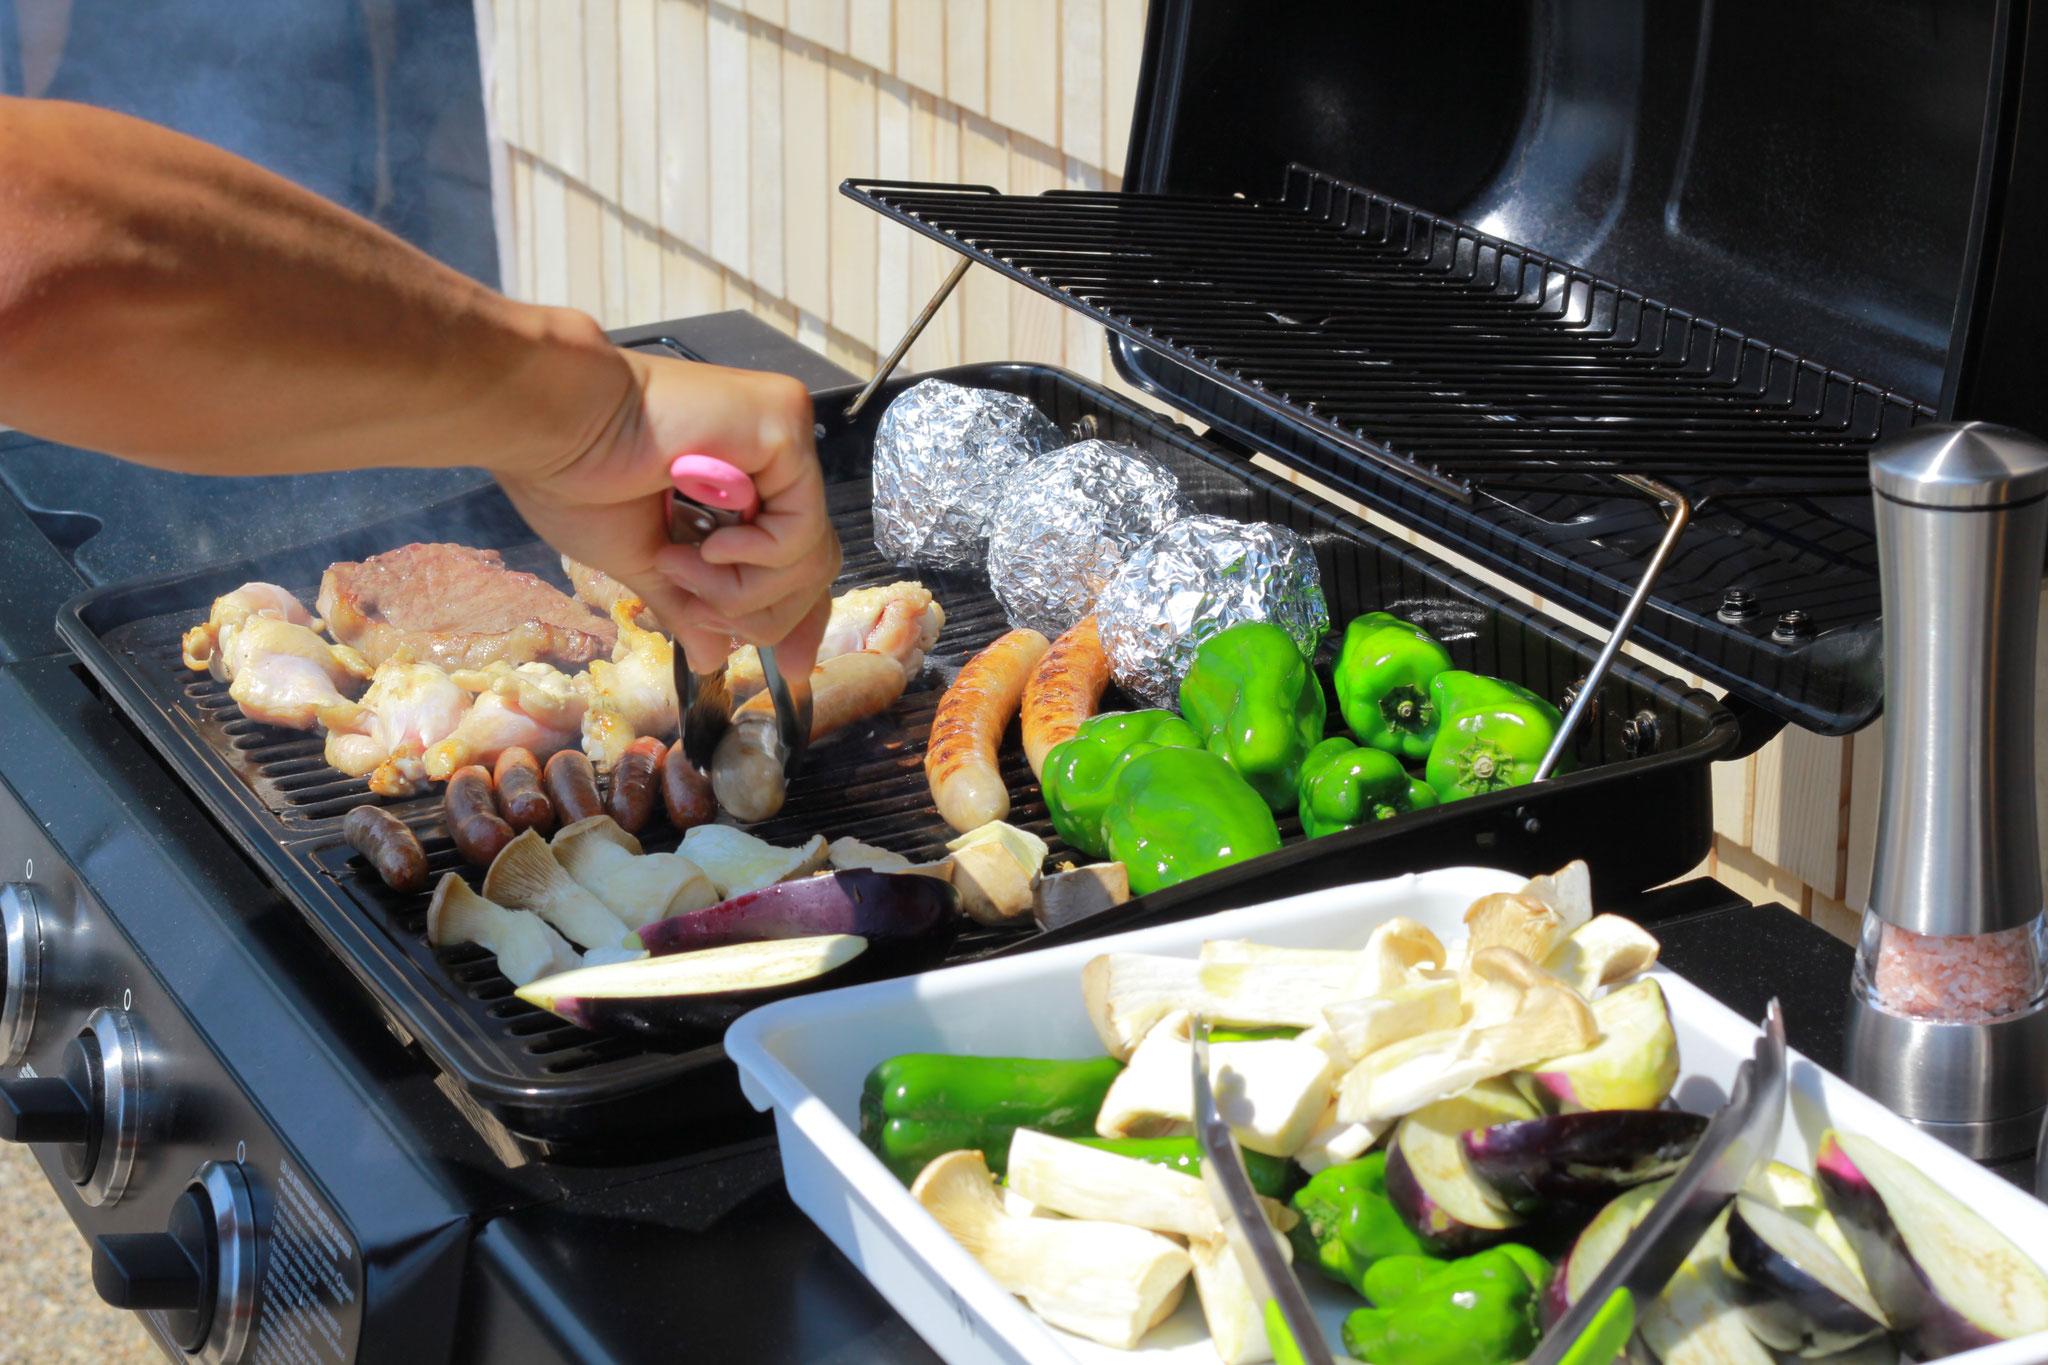 食材はこちらで準備するので手ぶらでBBQが楽しめます。